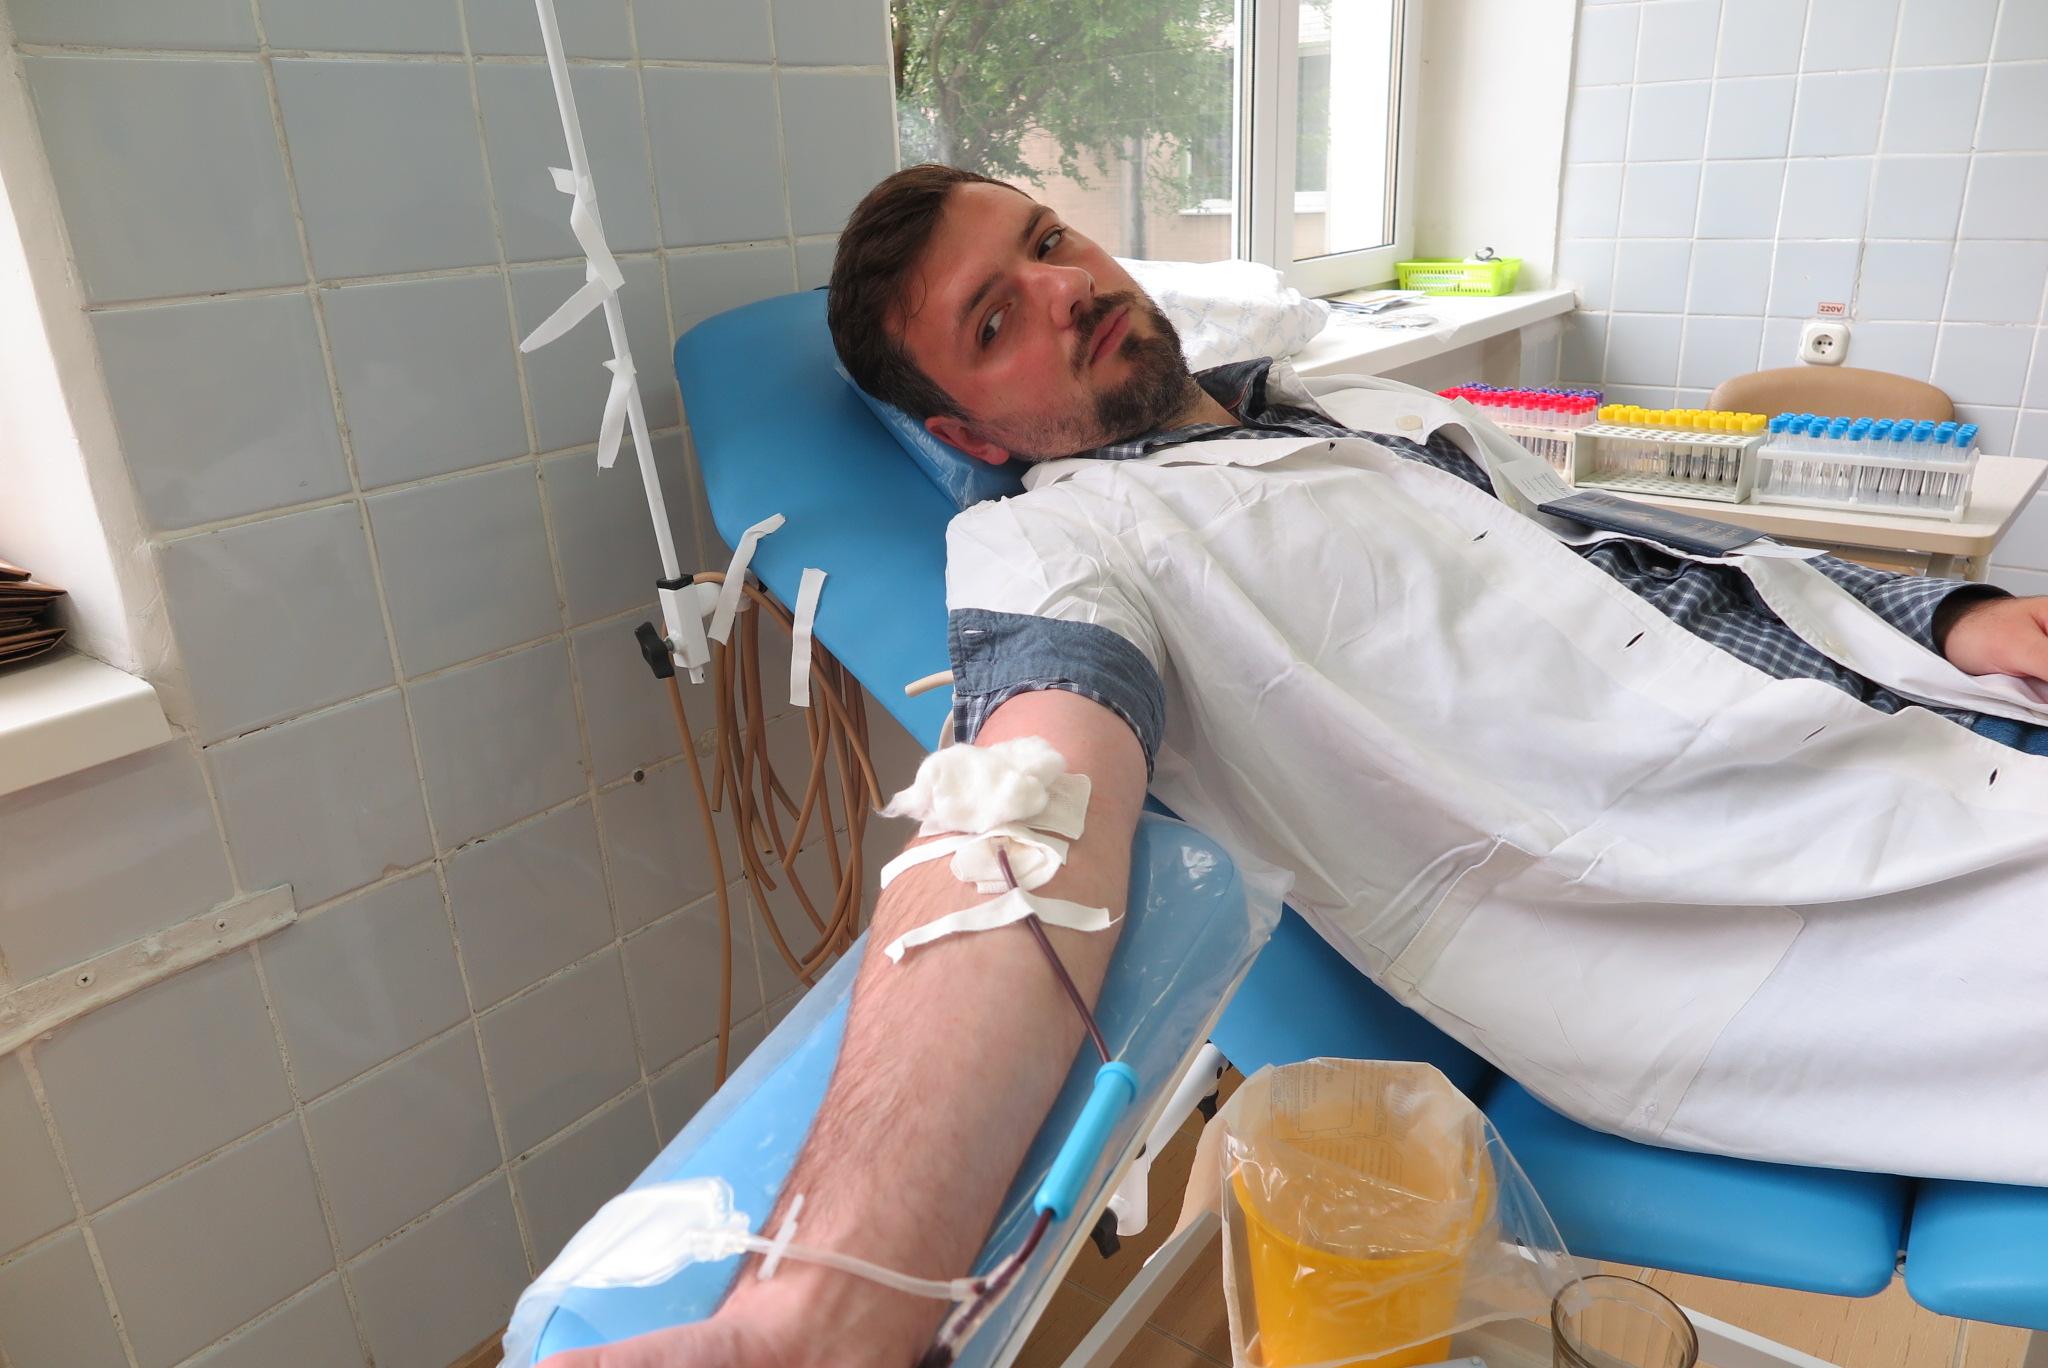 Андрей Война, врач анестезиолог-реаниматолог городской больницы, сдает кровь.